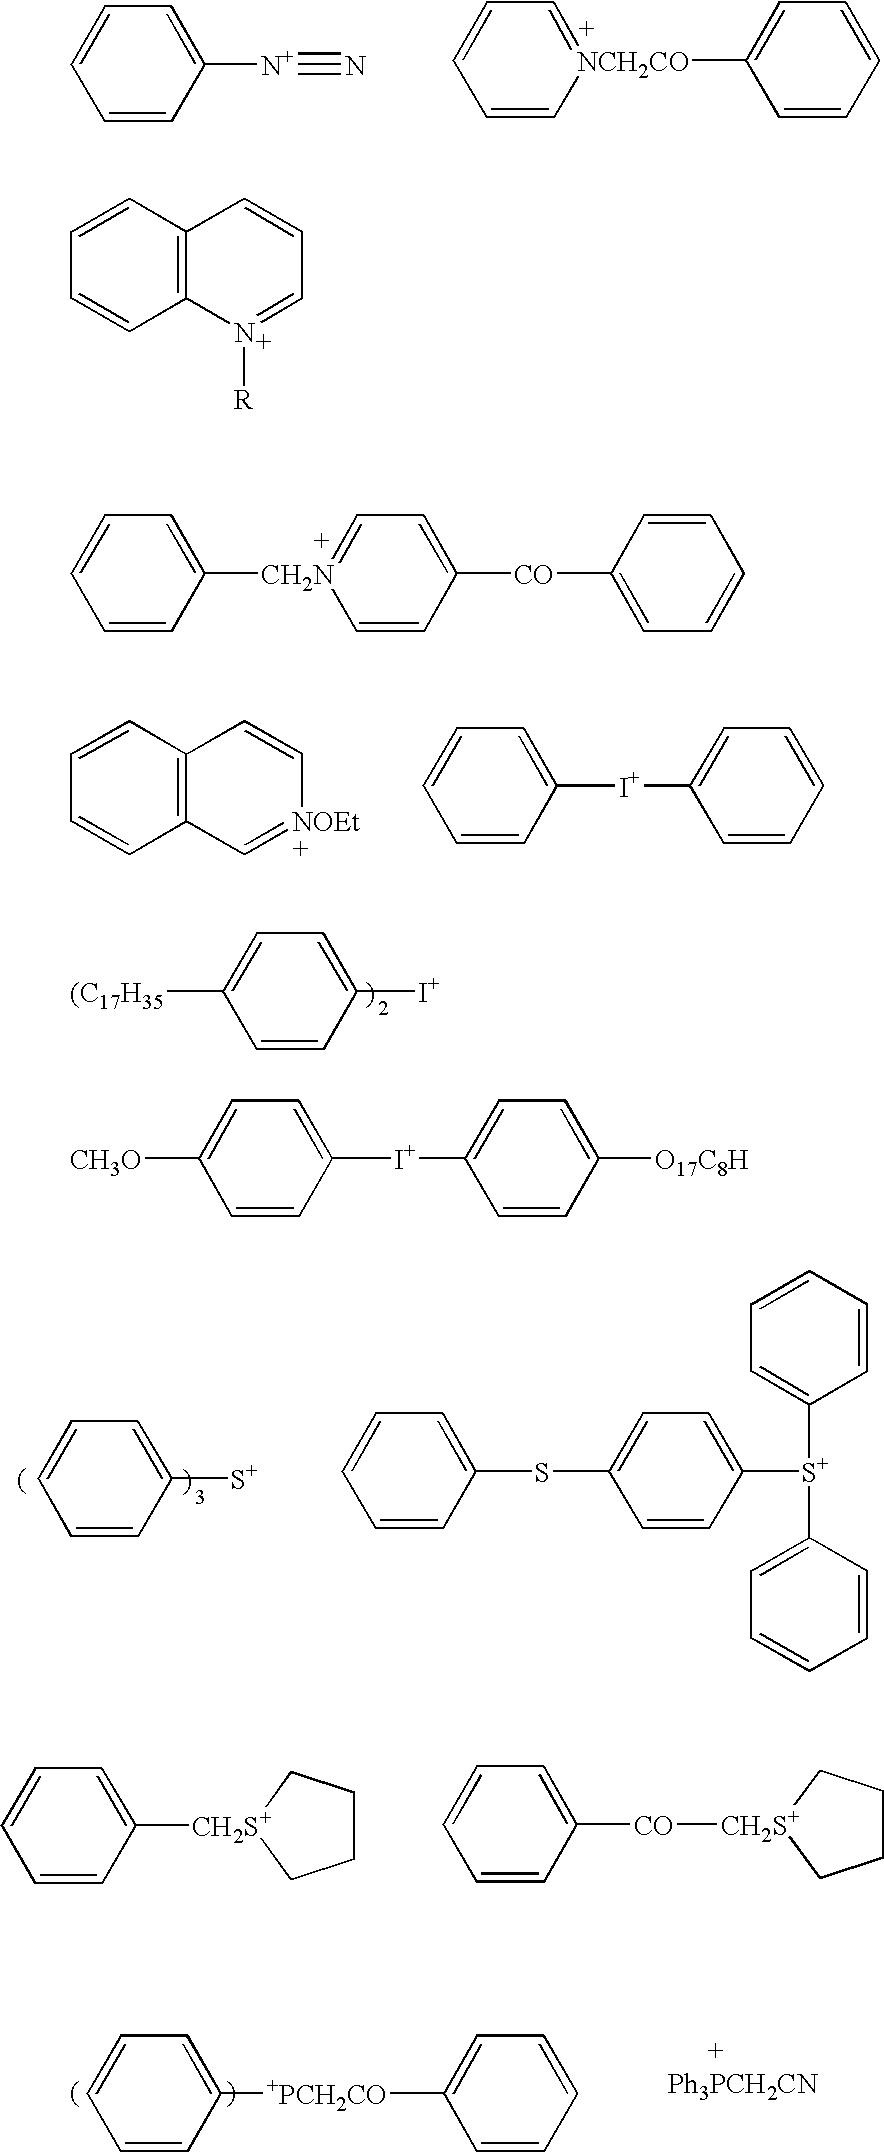 Figure US20050196697A1-20050908-C00013